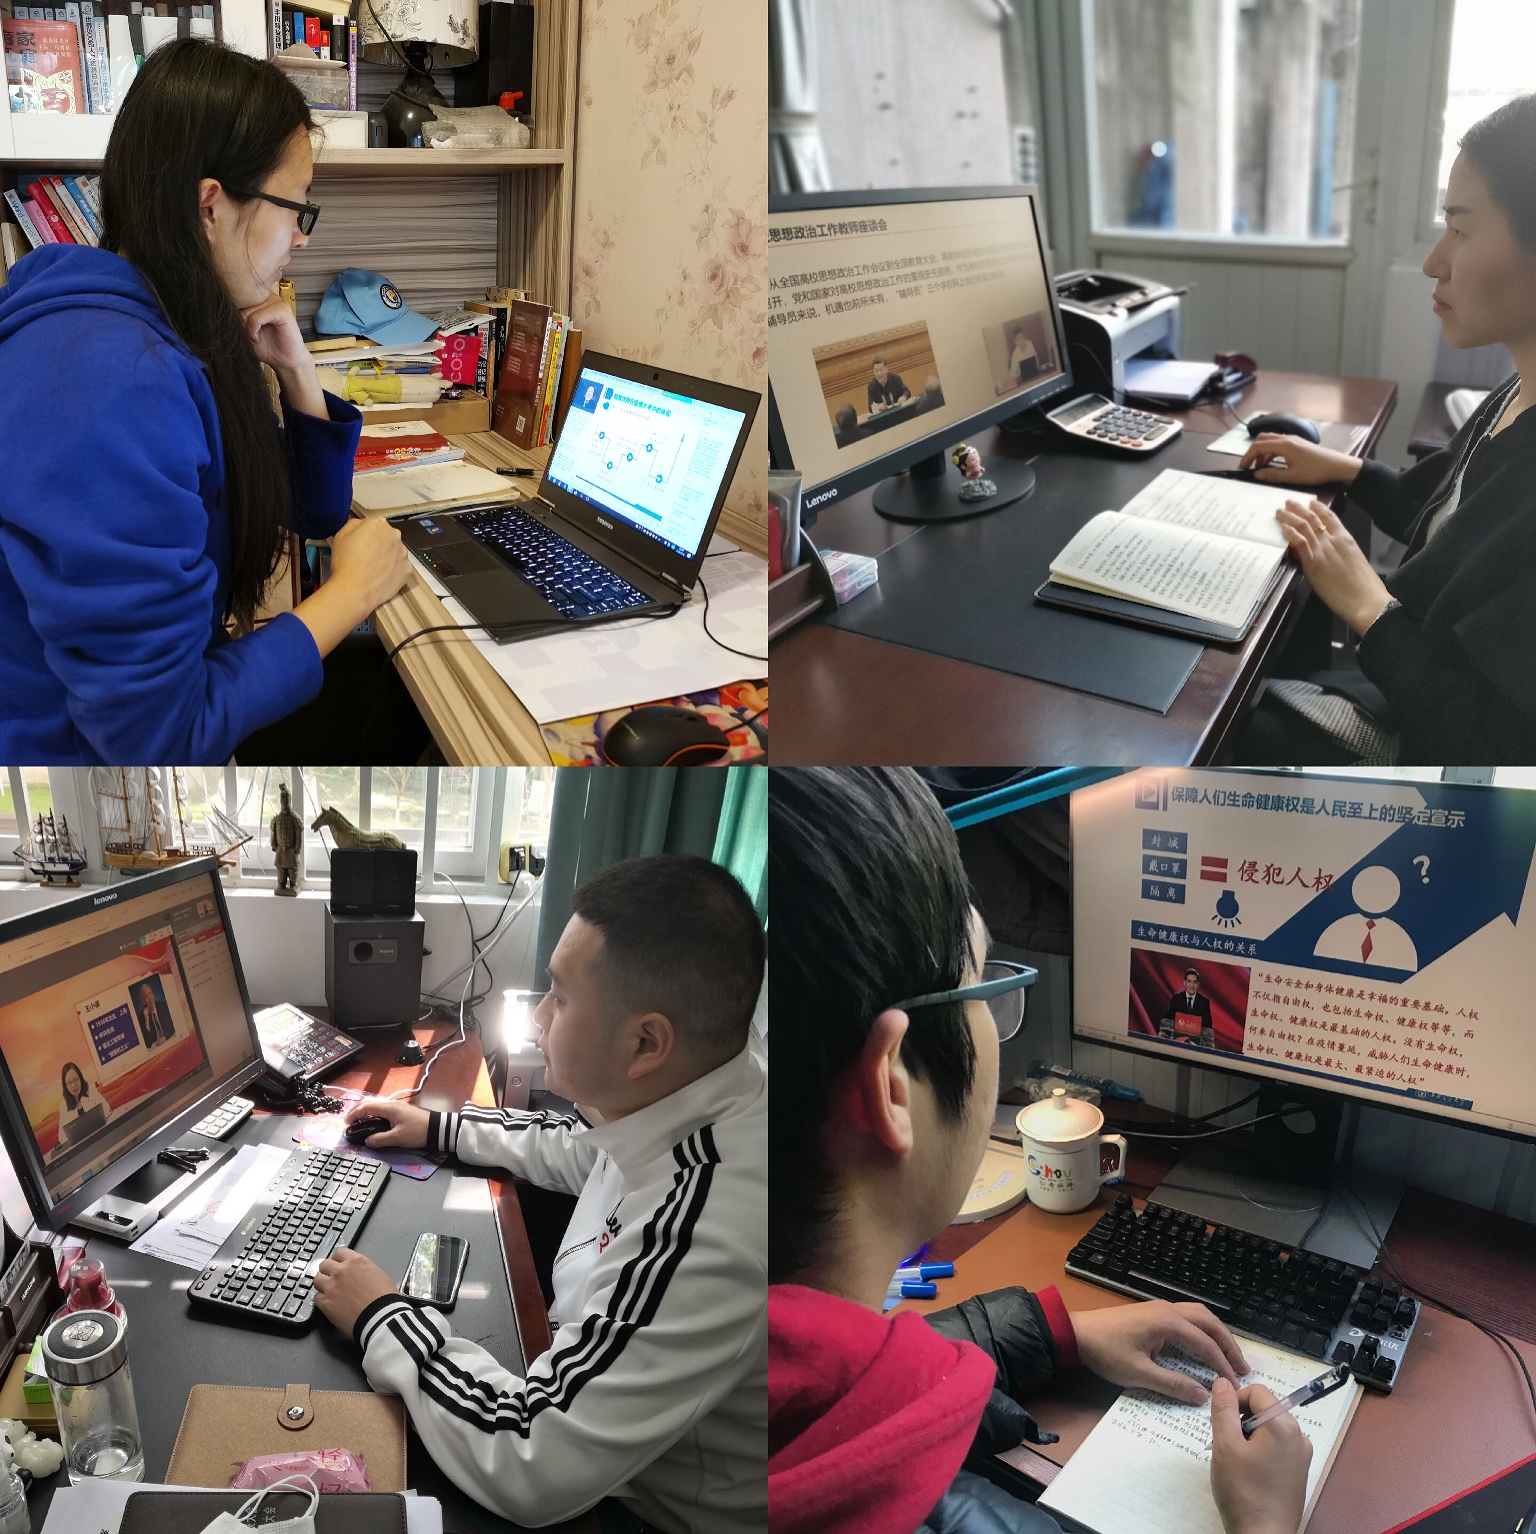 百余名辅导员参加全国高校辅导员网络培训